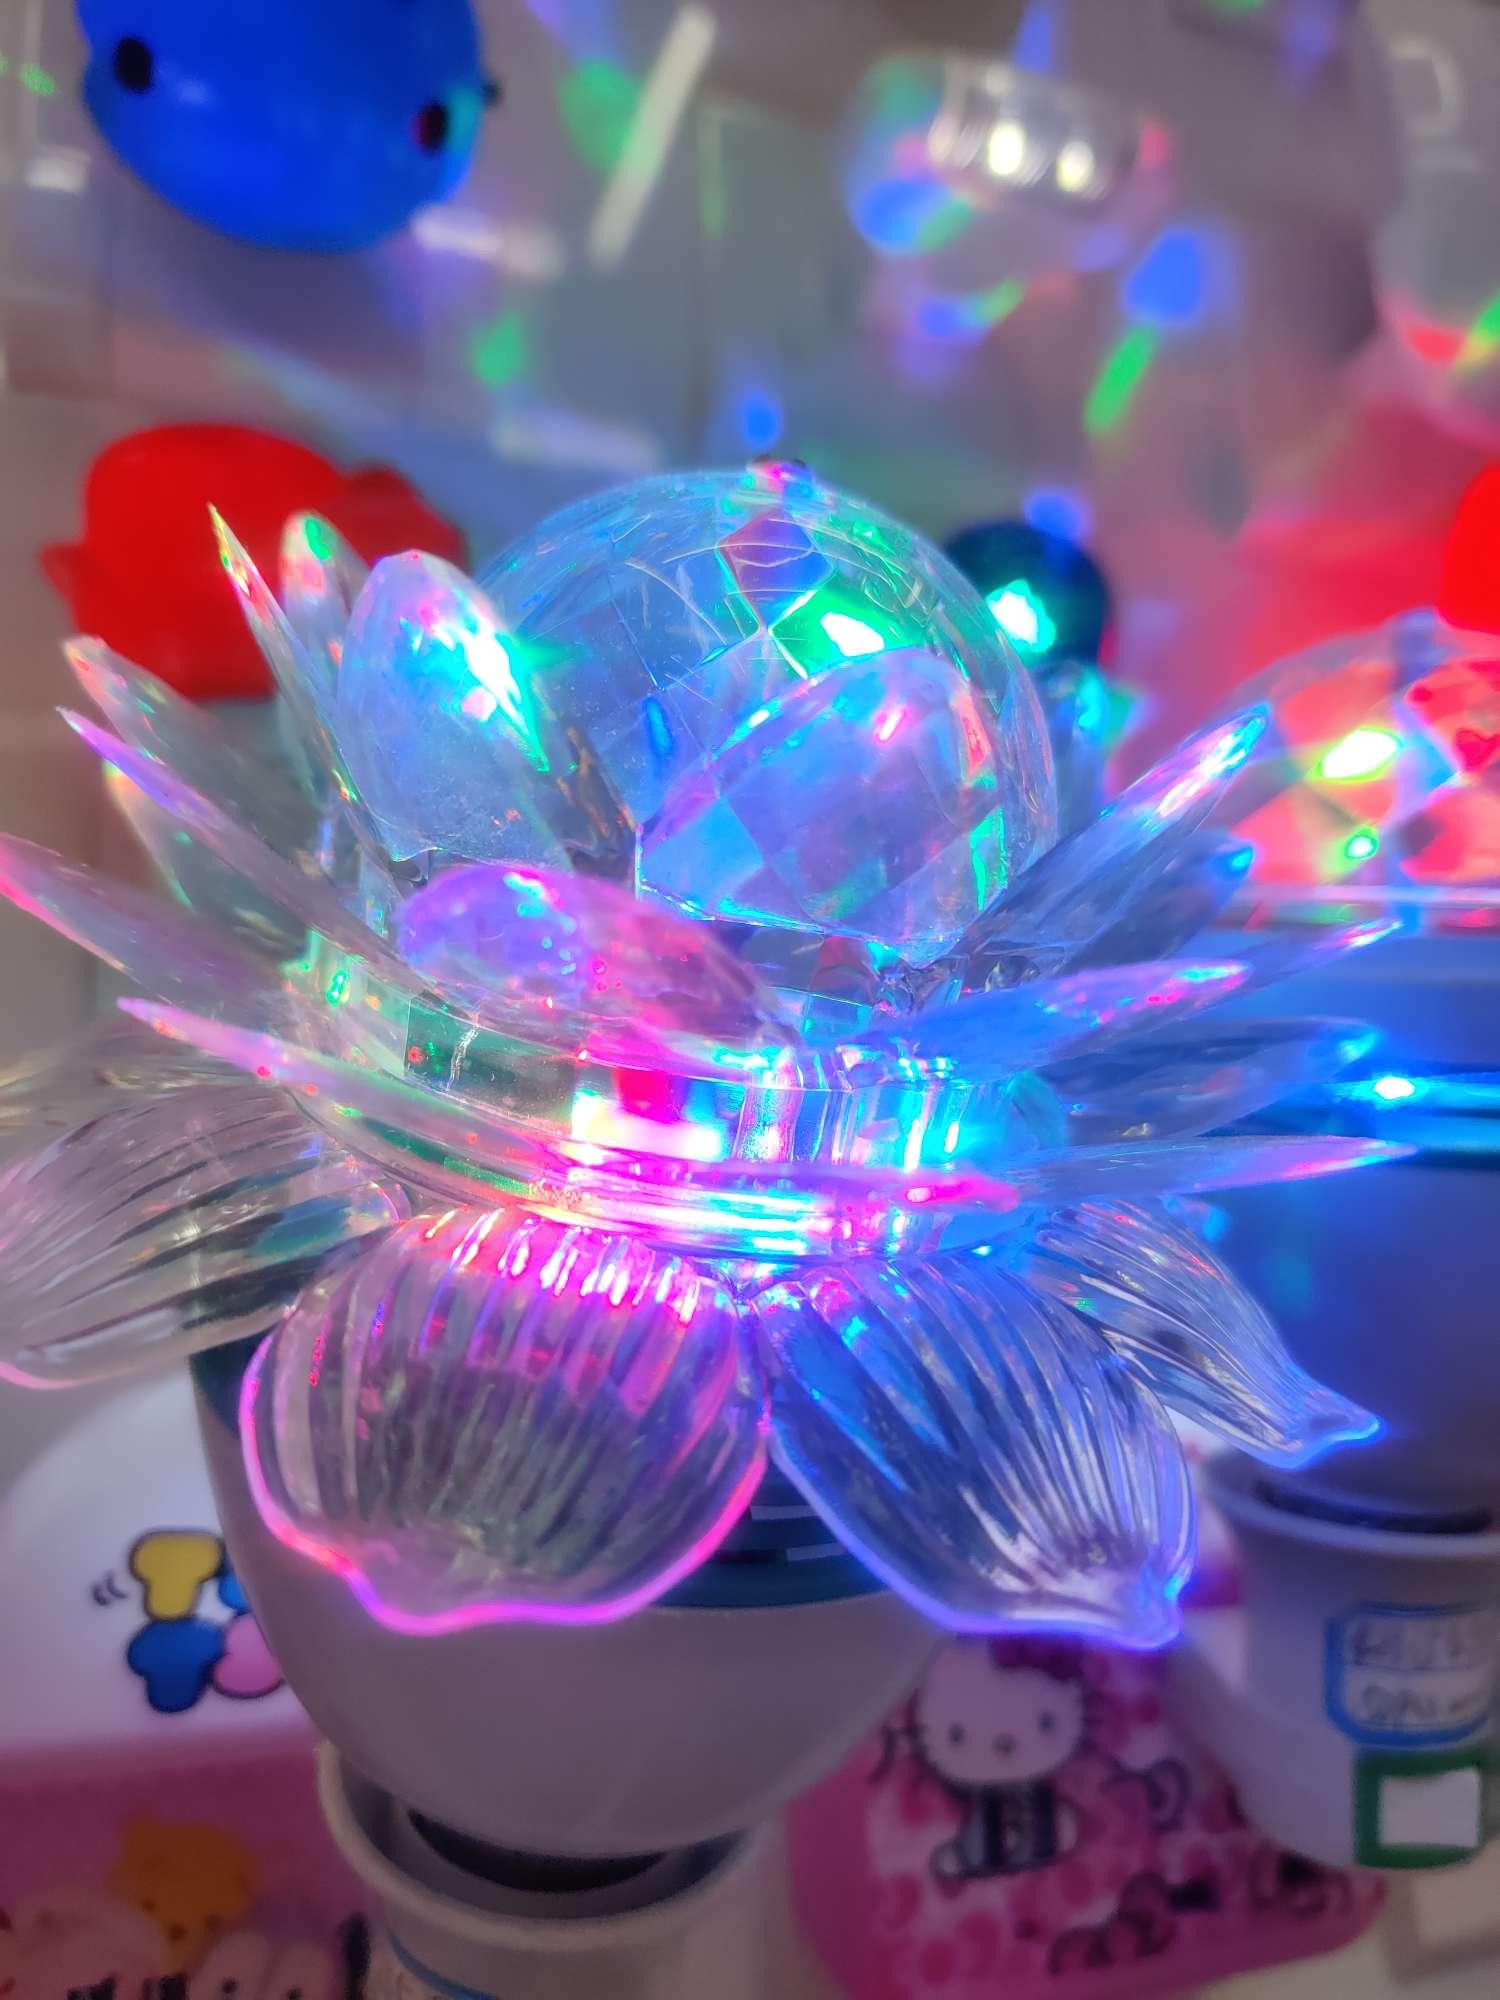 炫彩莲花菠萝魔球灯舞台舞会灯E27螺口莲花灯菠萝灯